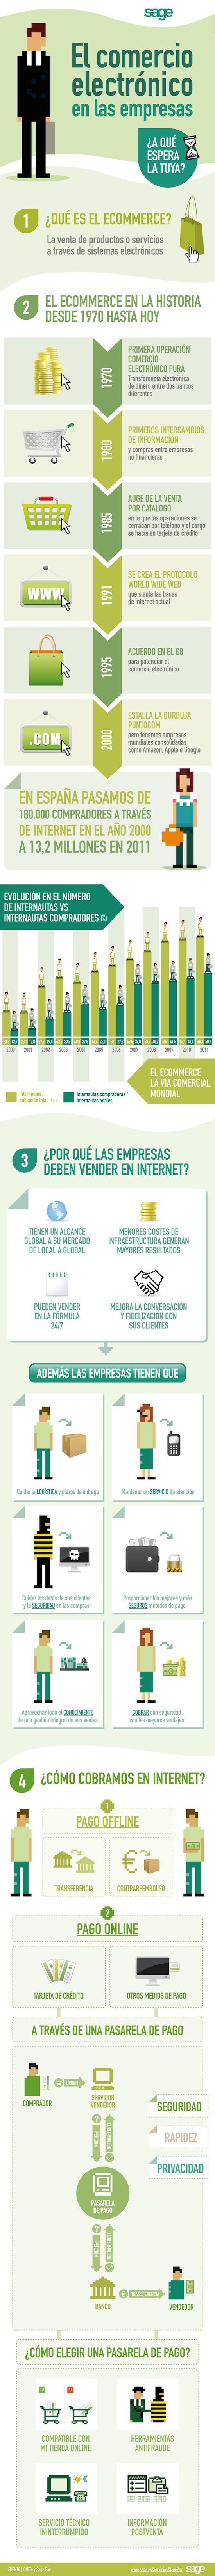 El comercio electrónico en las empresas, todos los pasos para vender en internet (infografía)